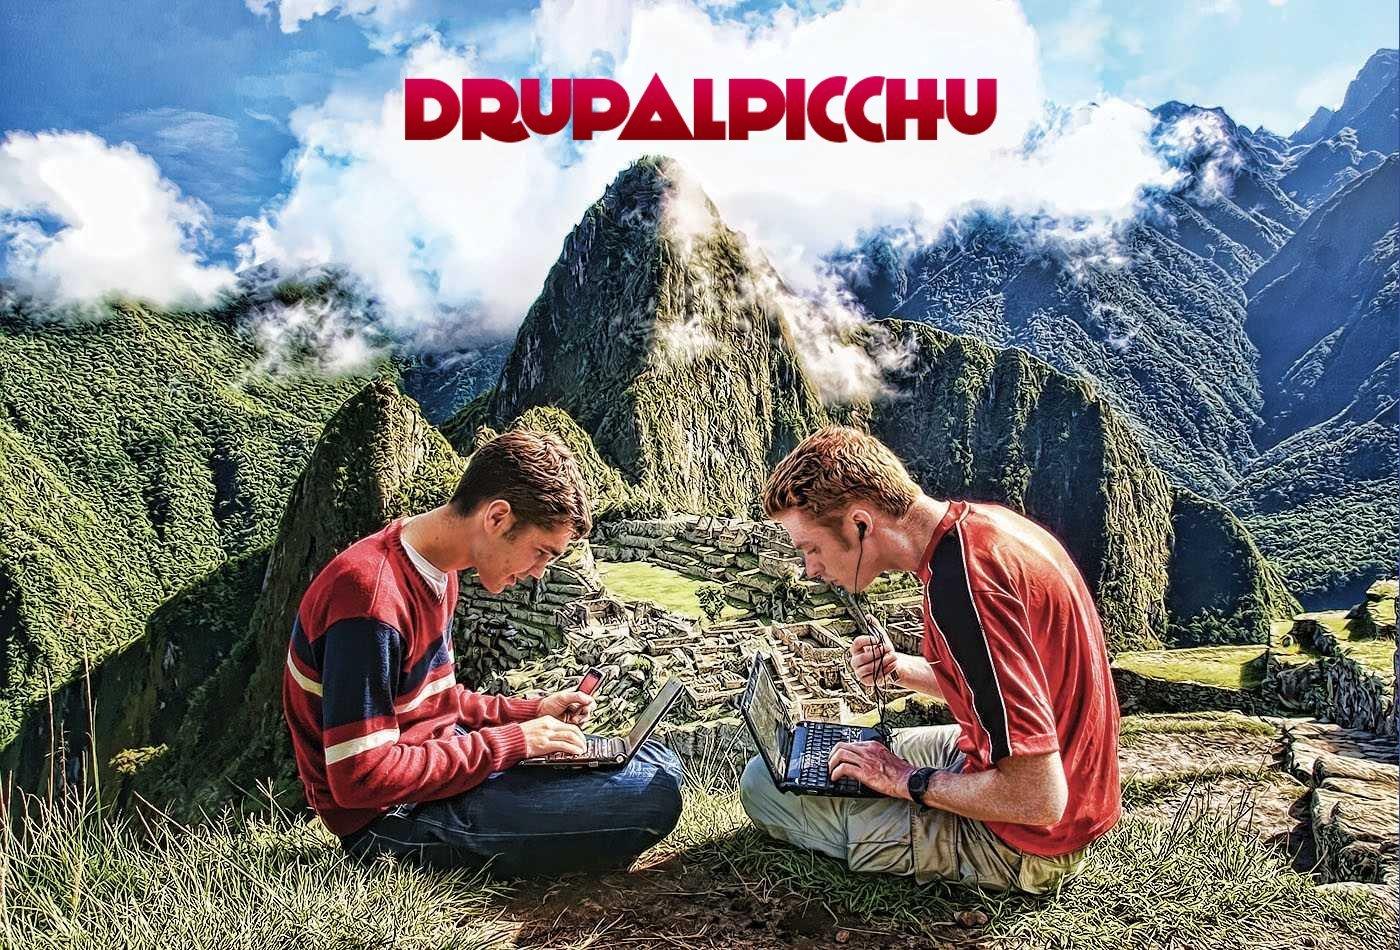 DrupalPicchu 2014 | Drupal Groups